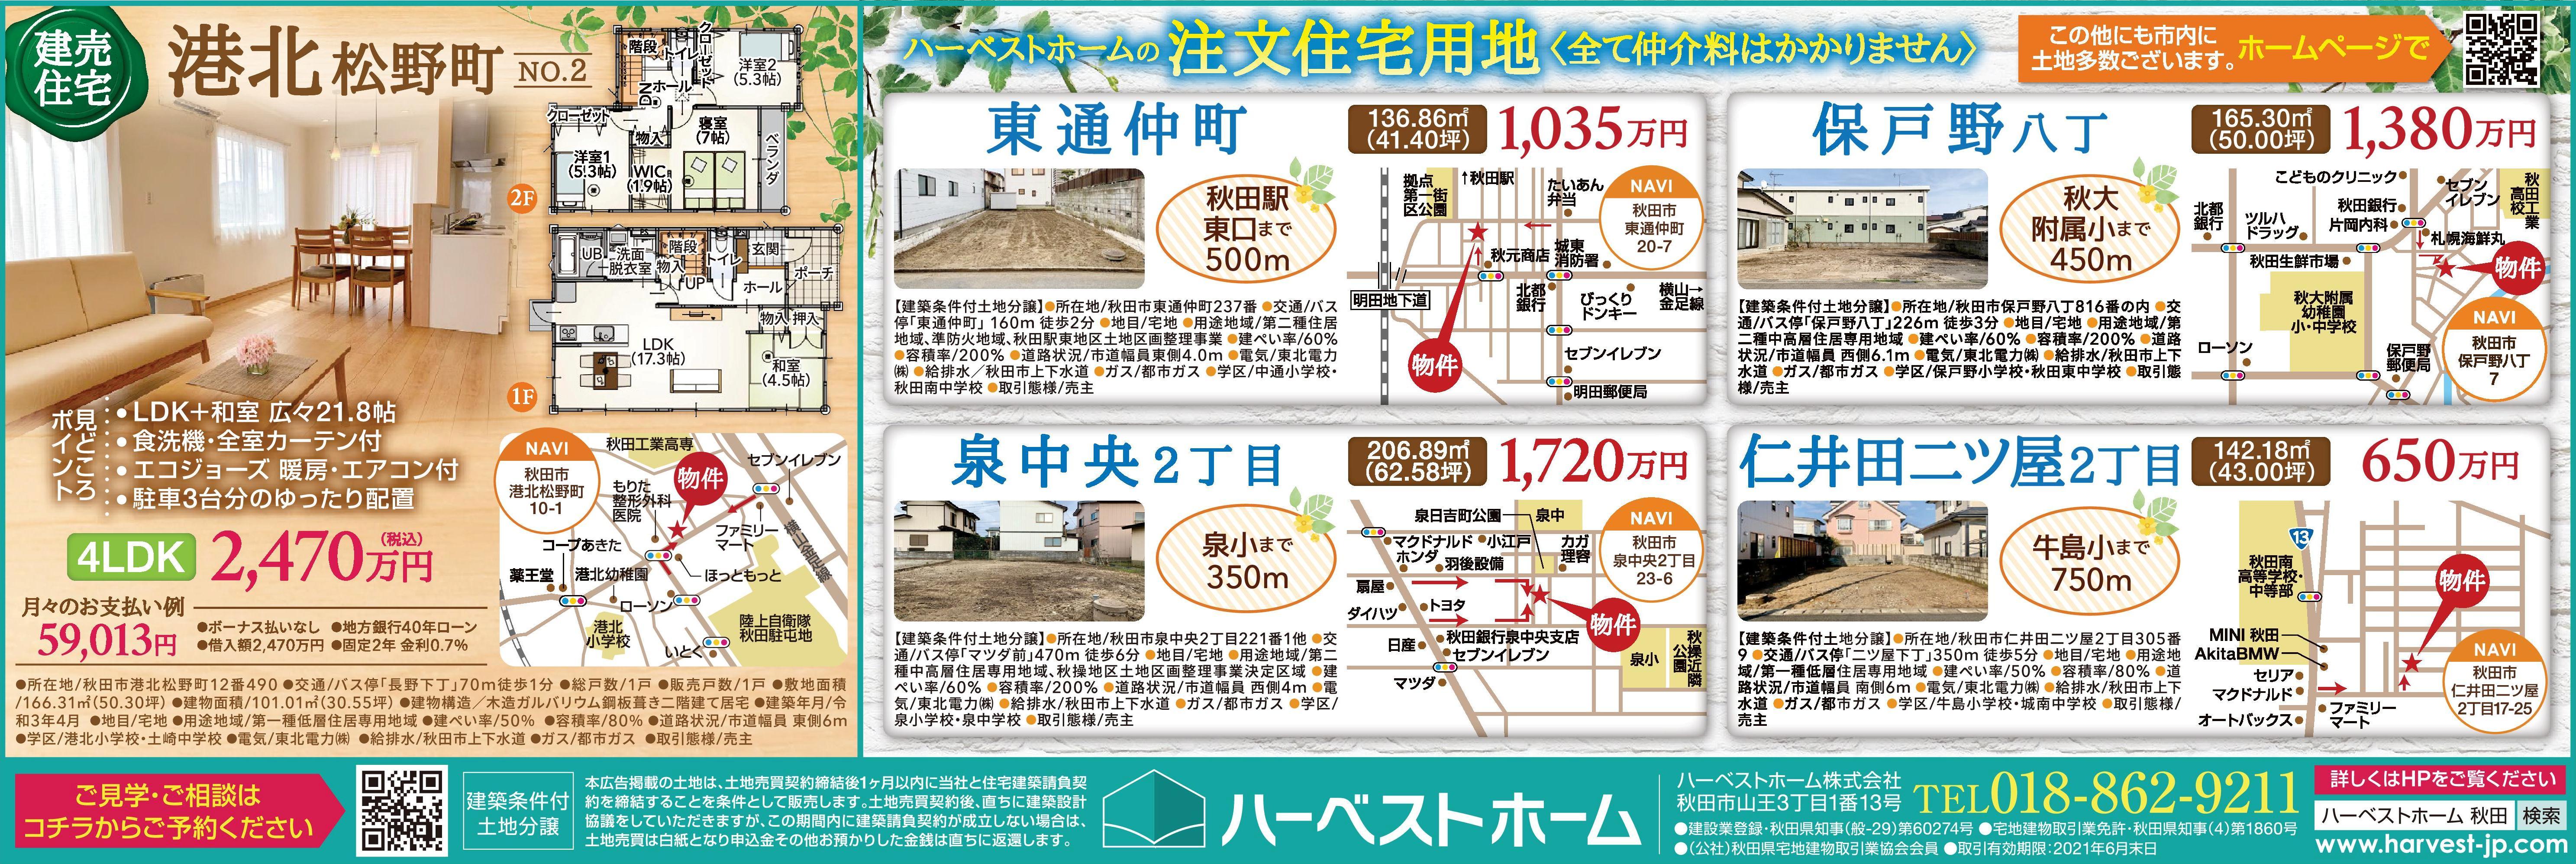 『建売住宅』・『注文住宅用地』 ご案内会